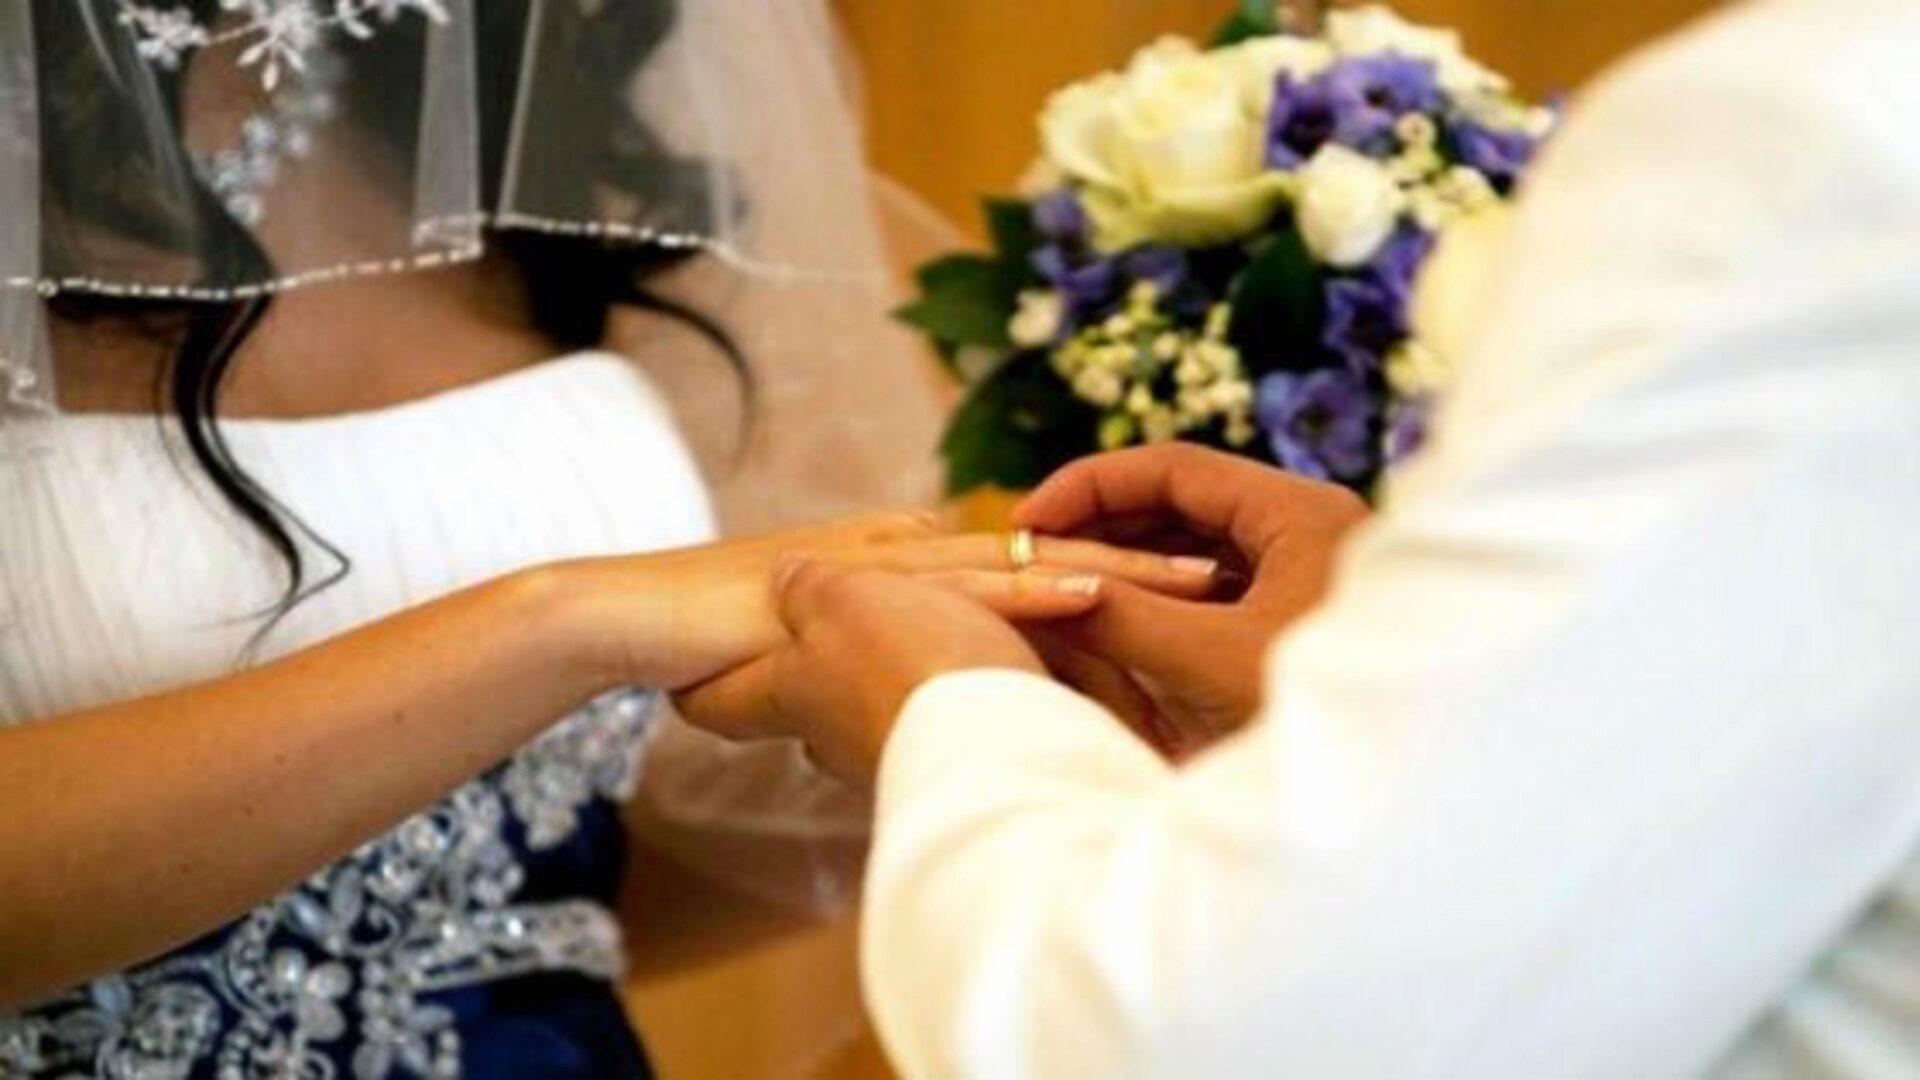 Обмениваться кольцами на свадьбу принято у многих народов